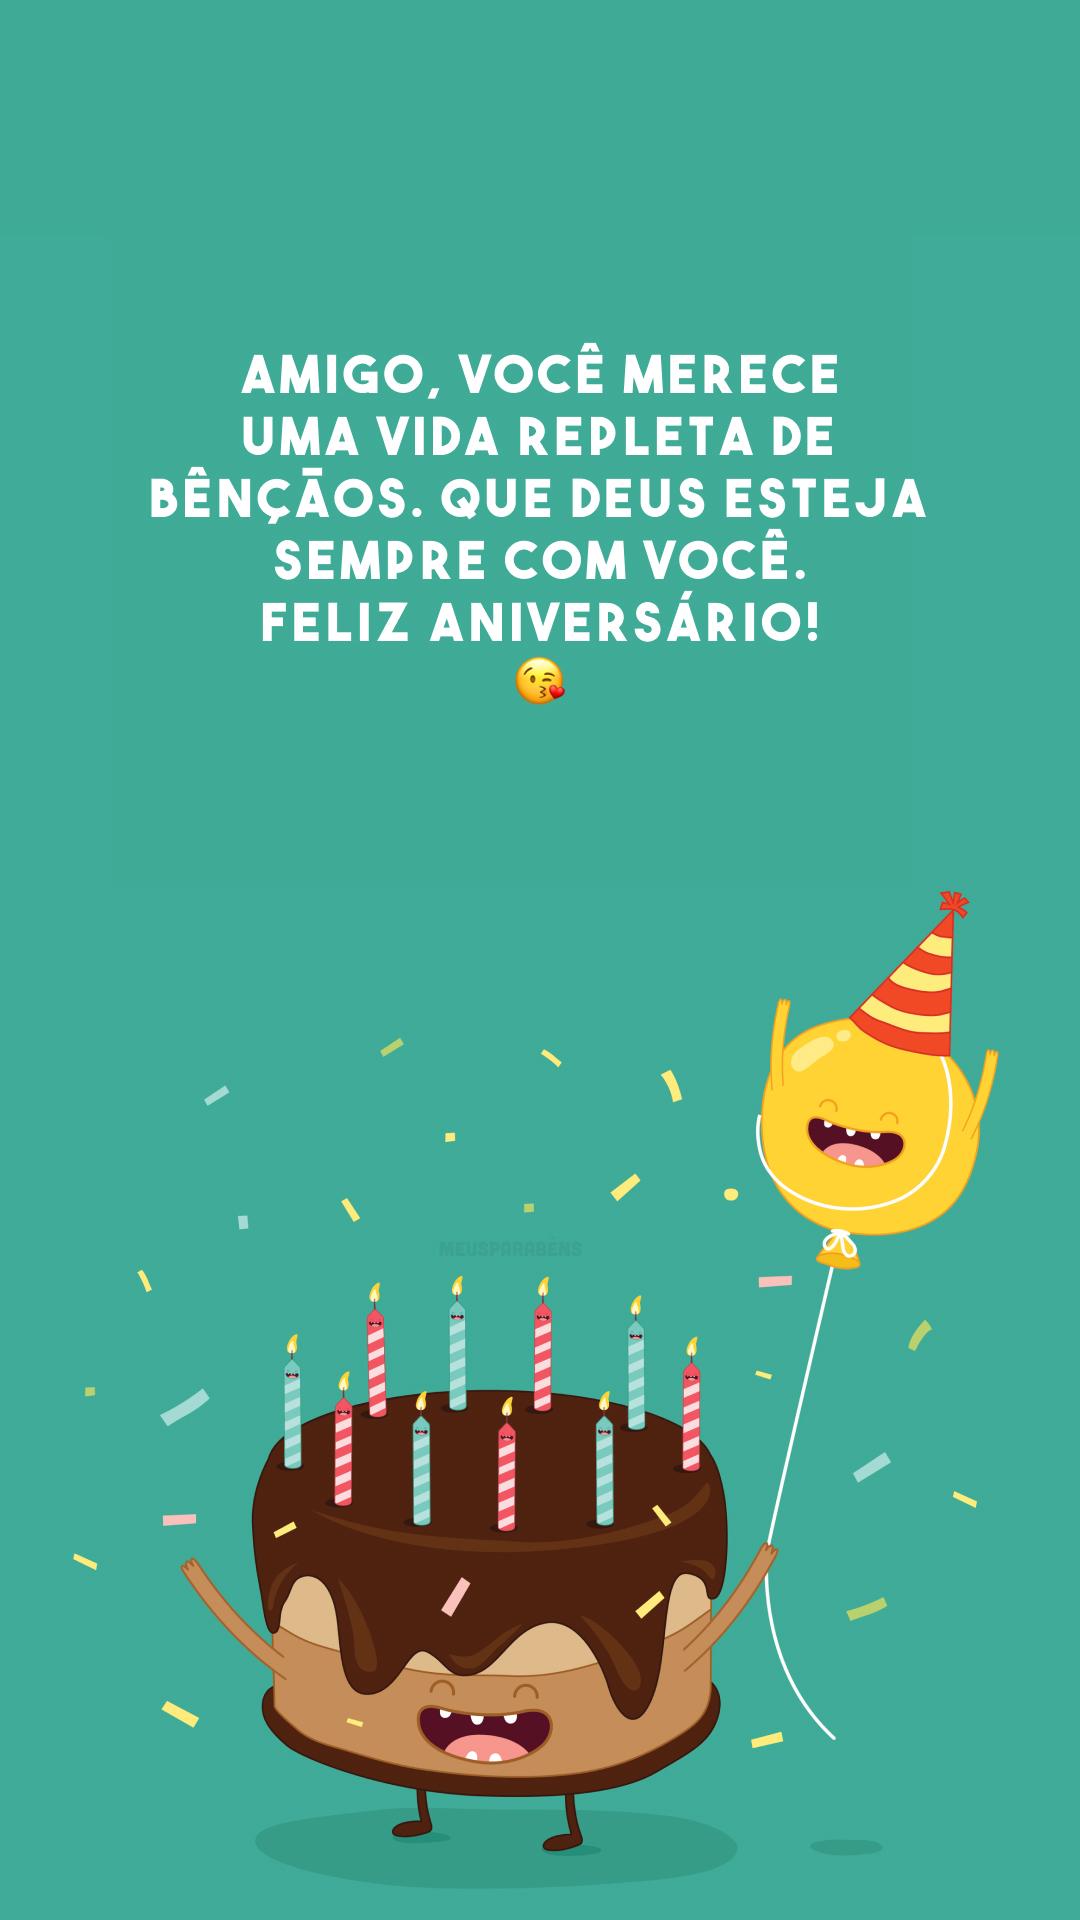 Amigo, você merece uma vida repleta de bênçãos. Que Deus esteja sempre com você. Feliz aniversário! 😘